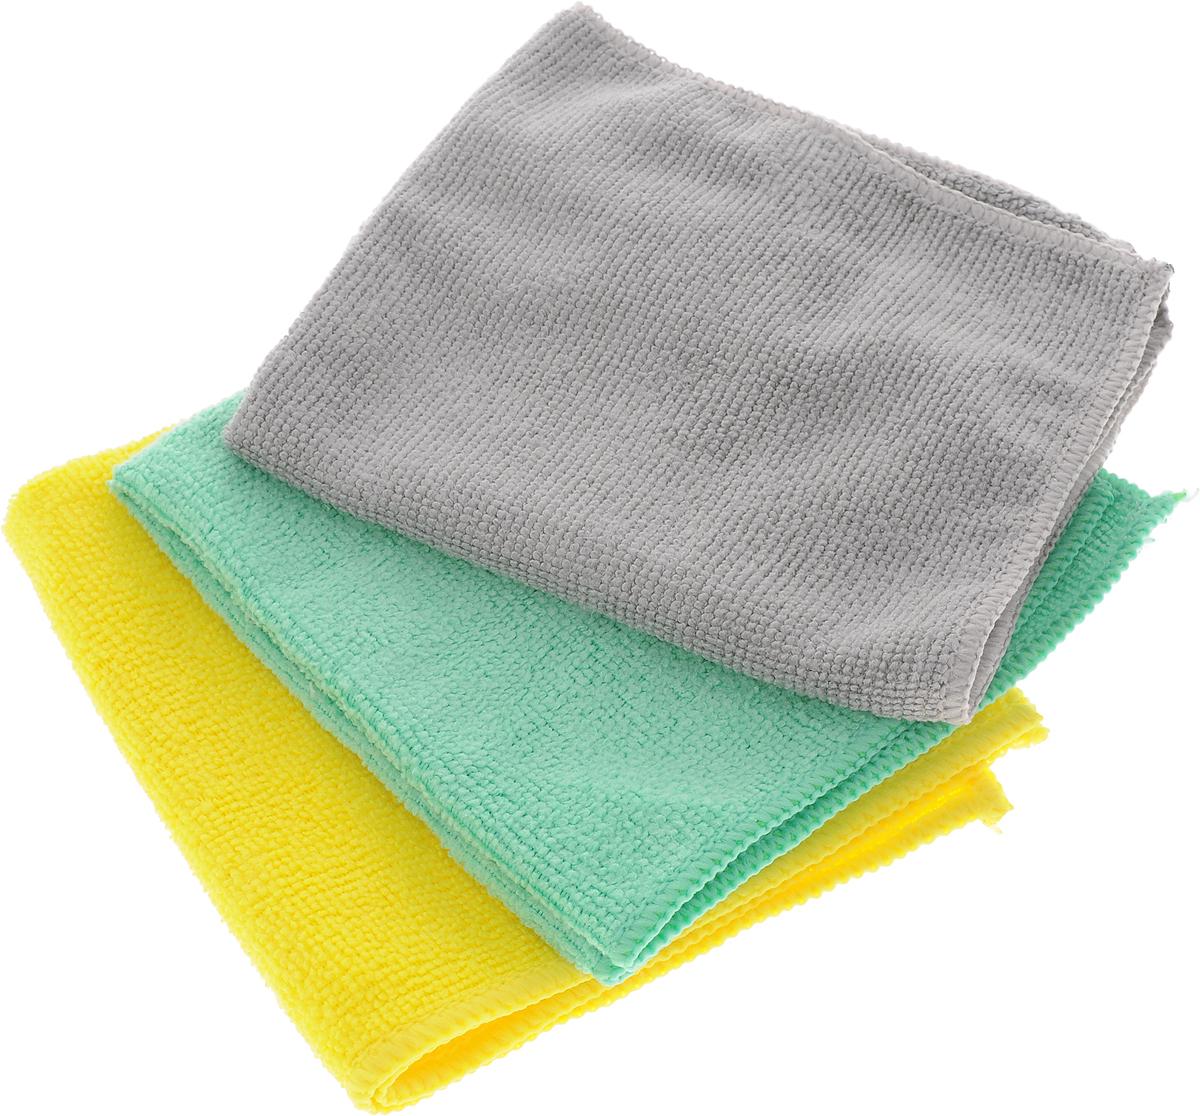 Набор универсальных салфеток Фэйт Вэриес, цвет: желтый, зеленый, серый, 30 х 30 см, 3 шт787502Набор Фэйт Вэриес состоит из 3 универсальных салфеток, выполненных из микрофибры. Такие салфетки не оставляют ворсинок, подходят для многократного использования, отлично впитывают влагу.Комплектация: 3 шт.Размер салфетки: 30 х 30 см.